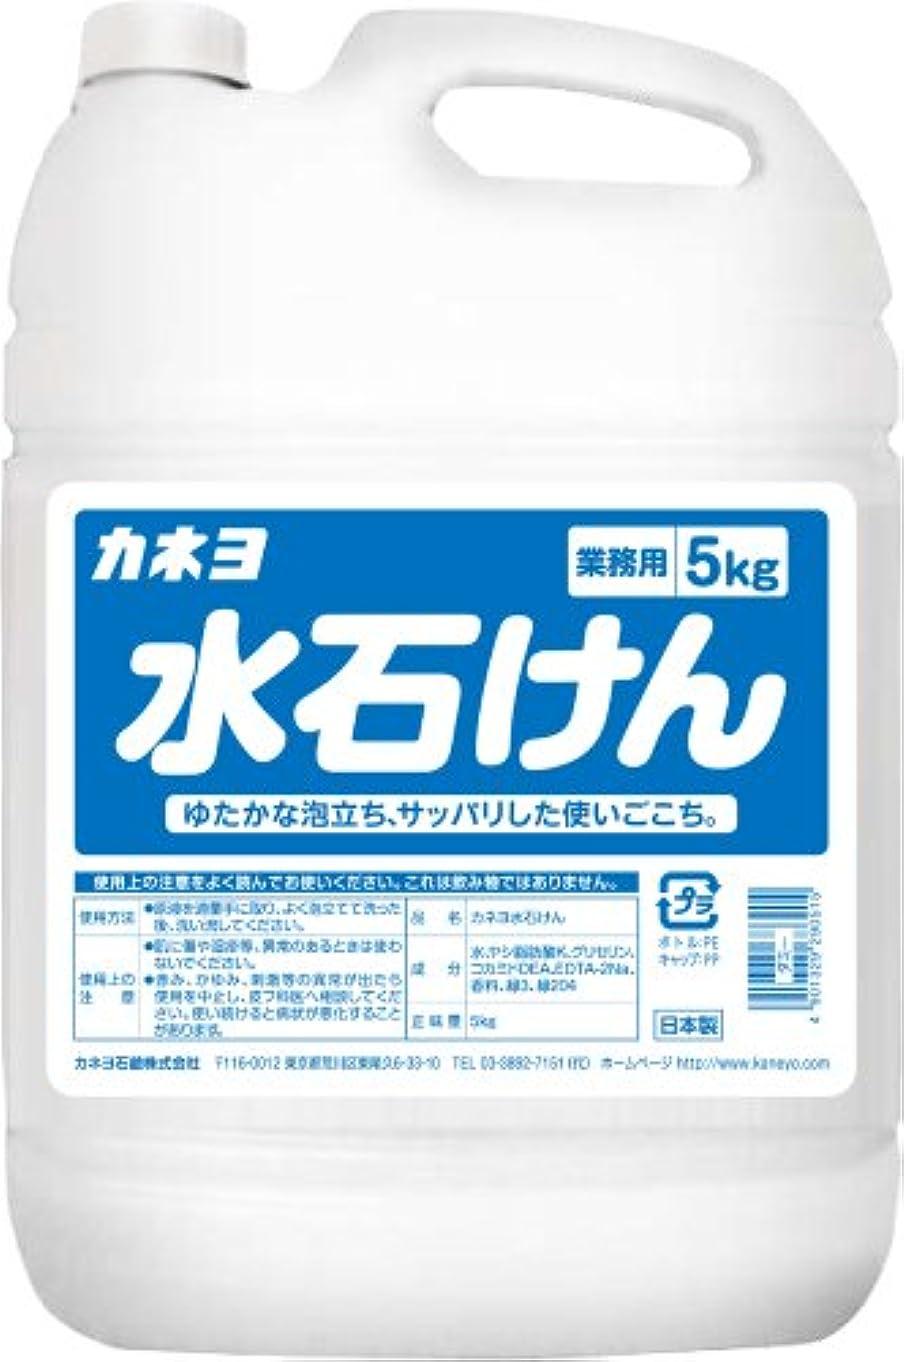 ゴミ箱時計回り器官【大容量】 カネヨ石鹸 ハンドソープ 水石けん 液体 業務用 5kg